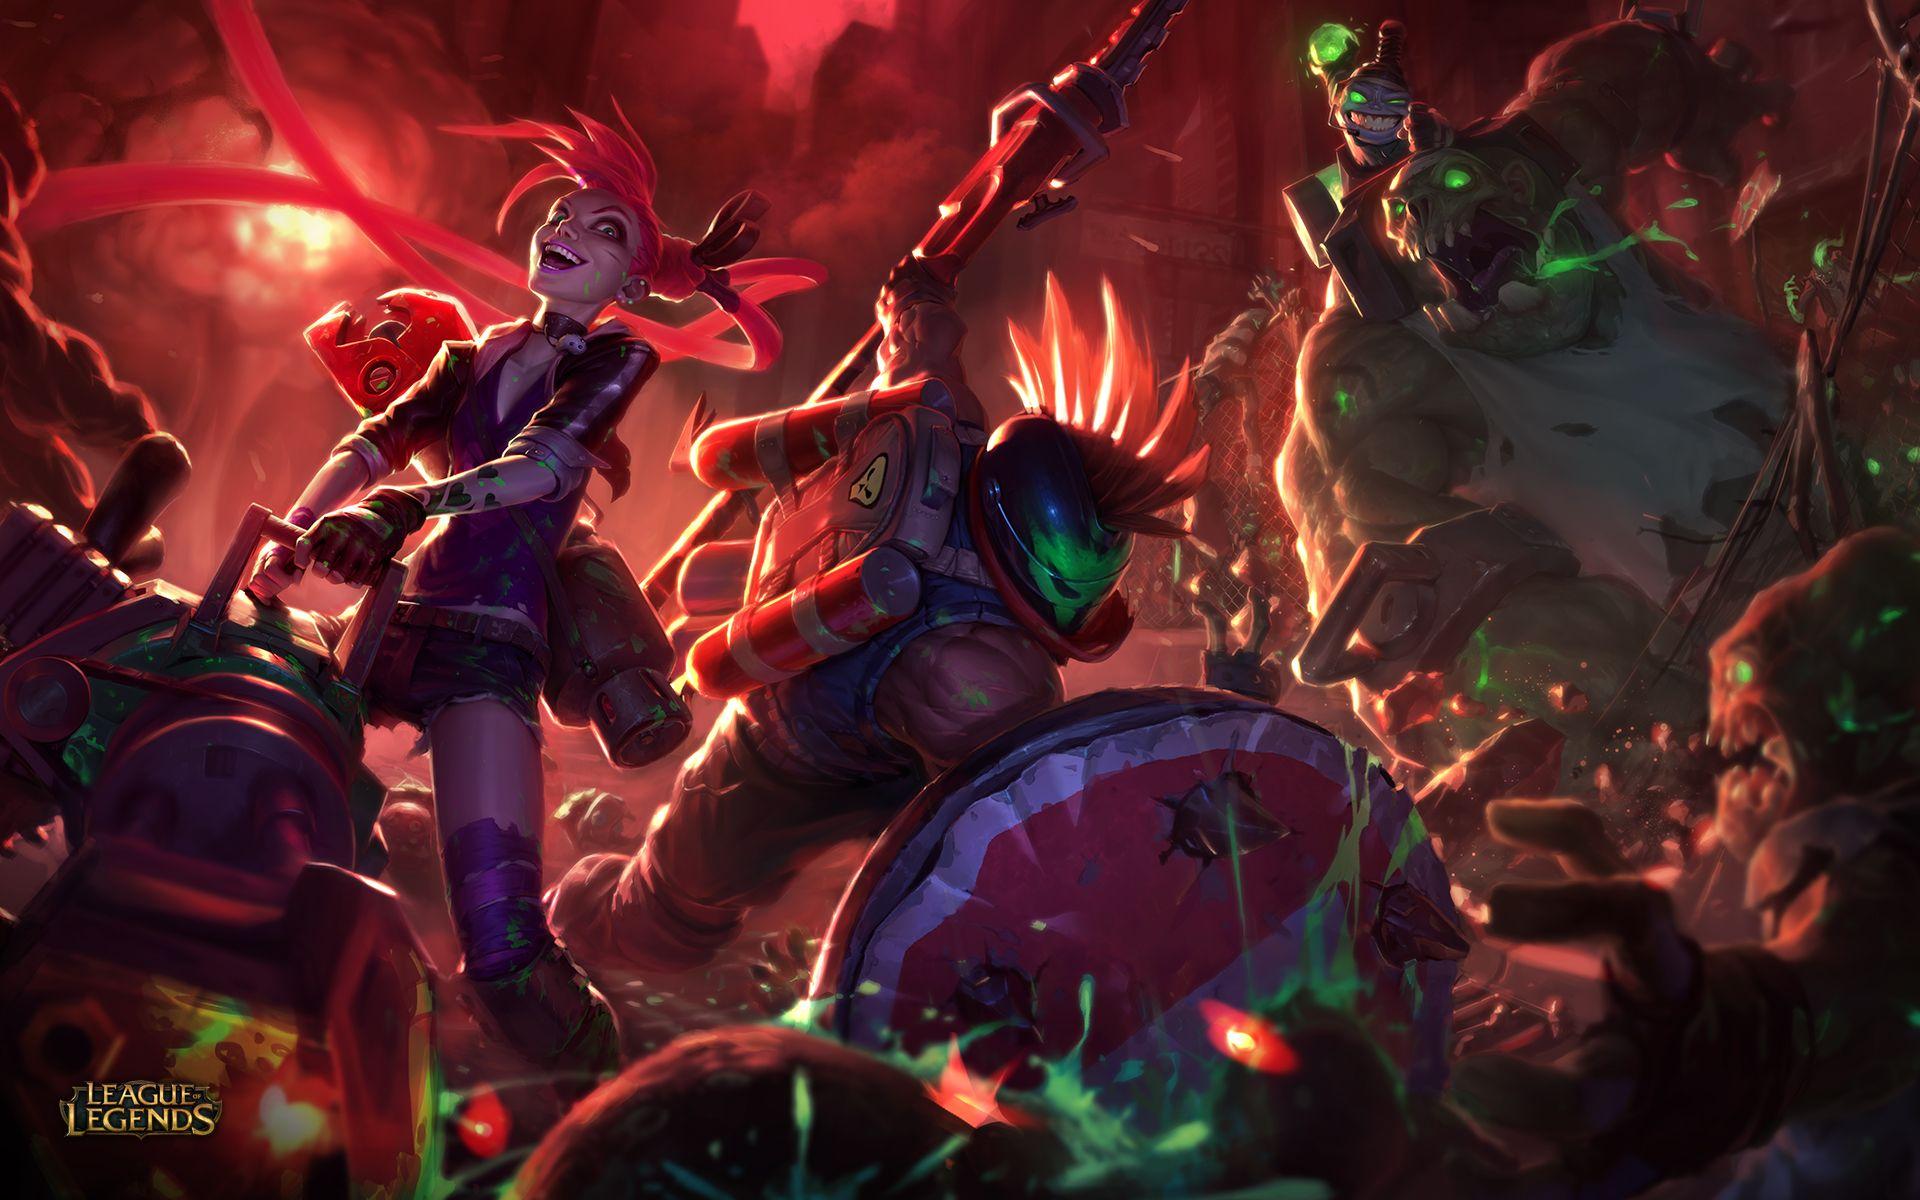 Zombie Slayer League Of Legends Lol League Of Legends League Of Legends League Of Legends Game